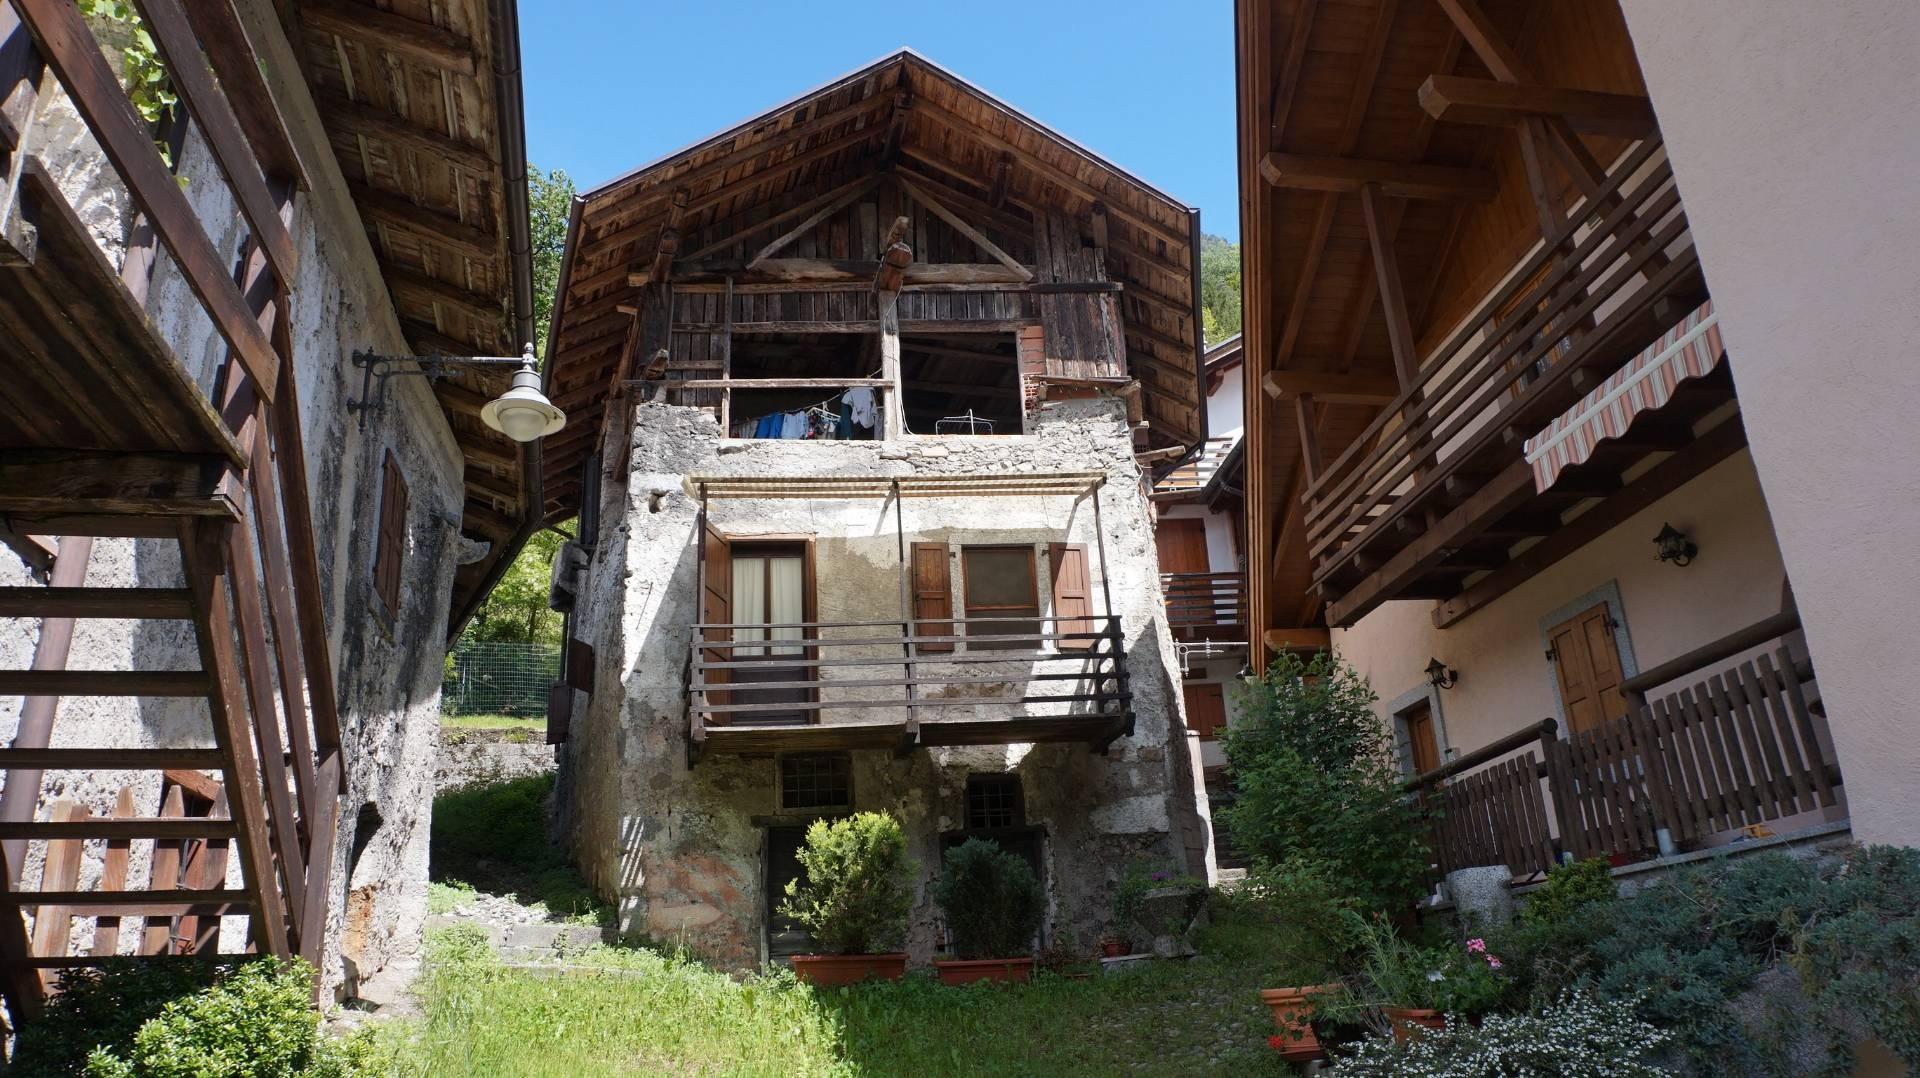 Soluzione Indipendente in vendita a Ragoli, 3 locali, zona Zona: Pez, prezzo € 80.000 | CambioCasa.it